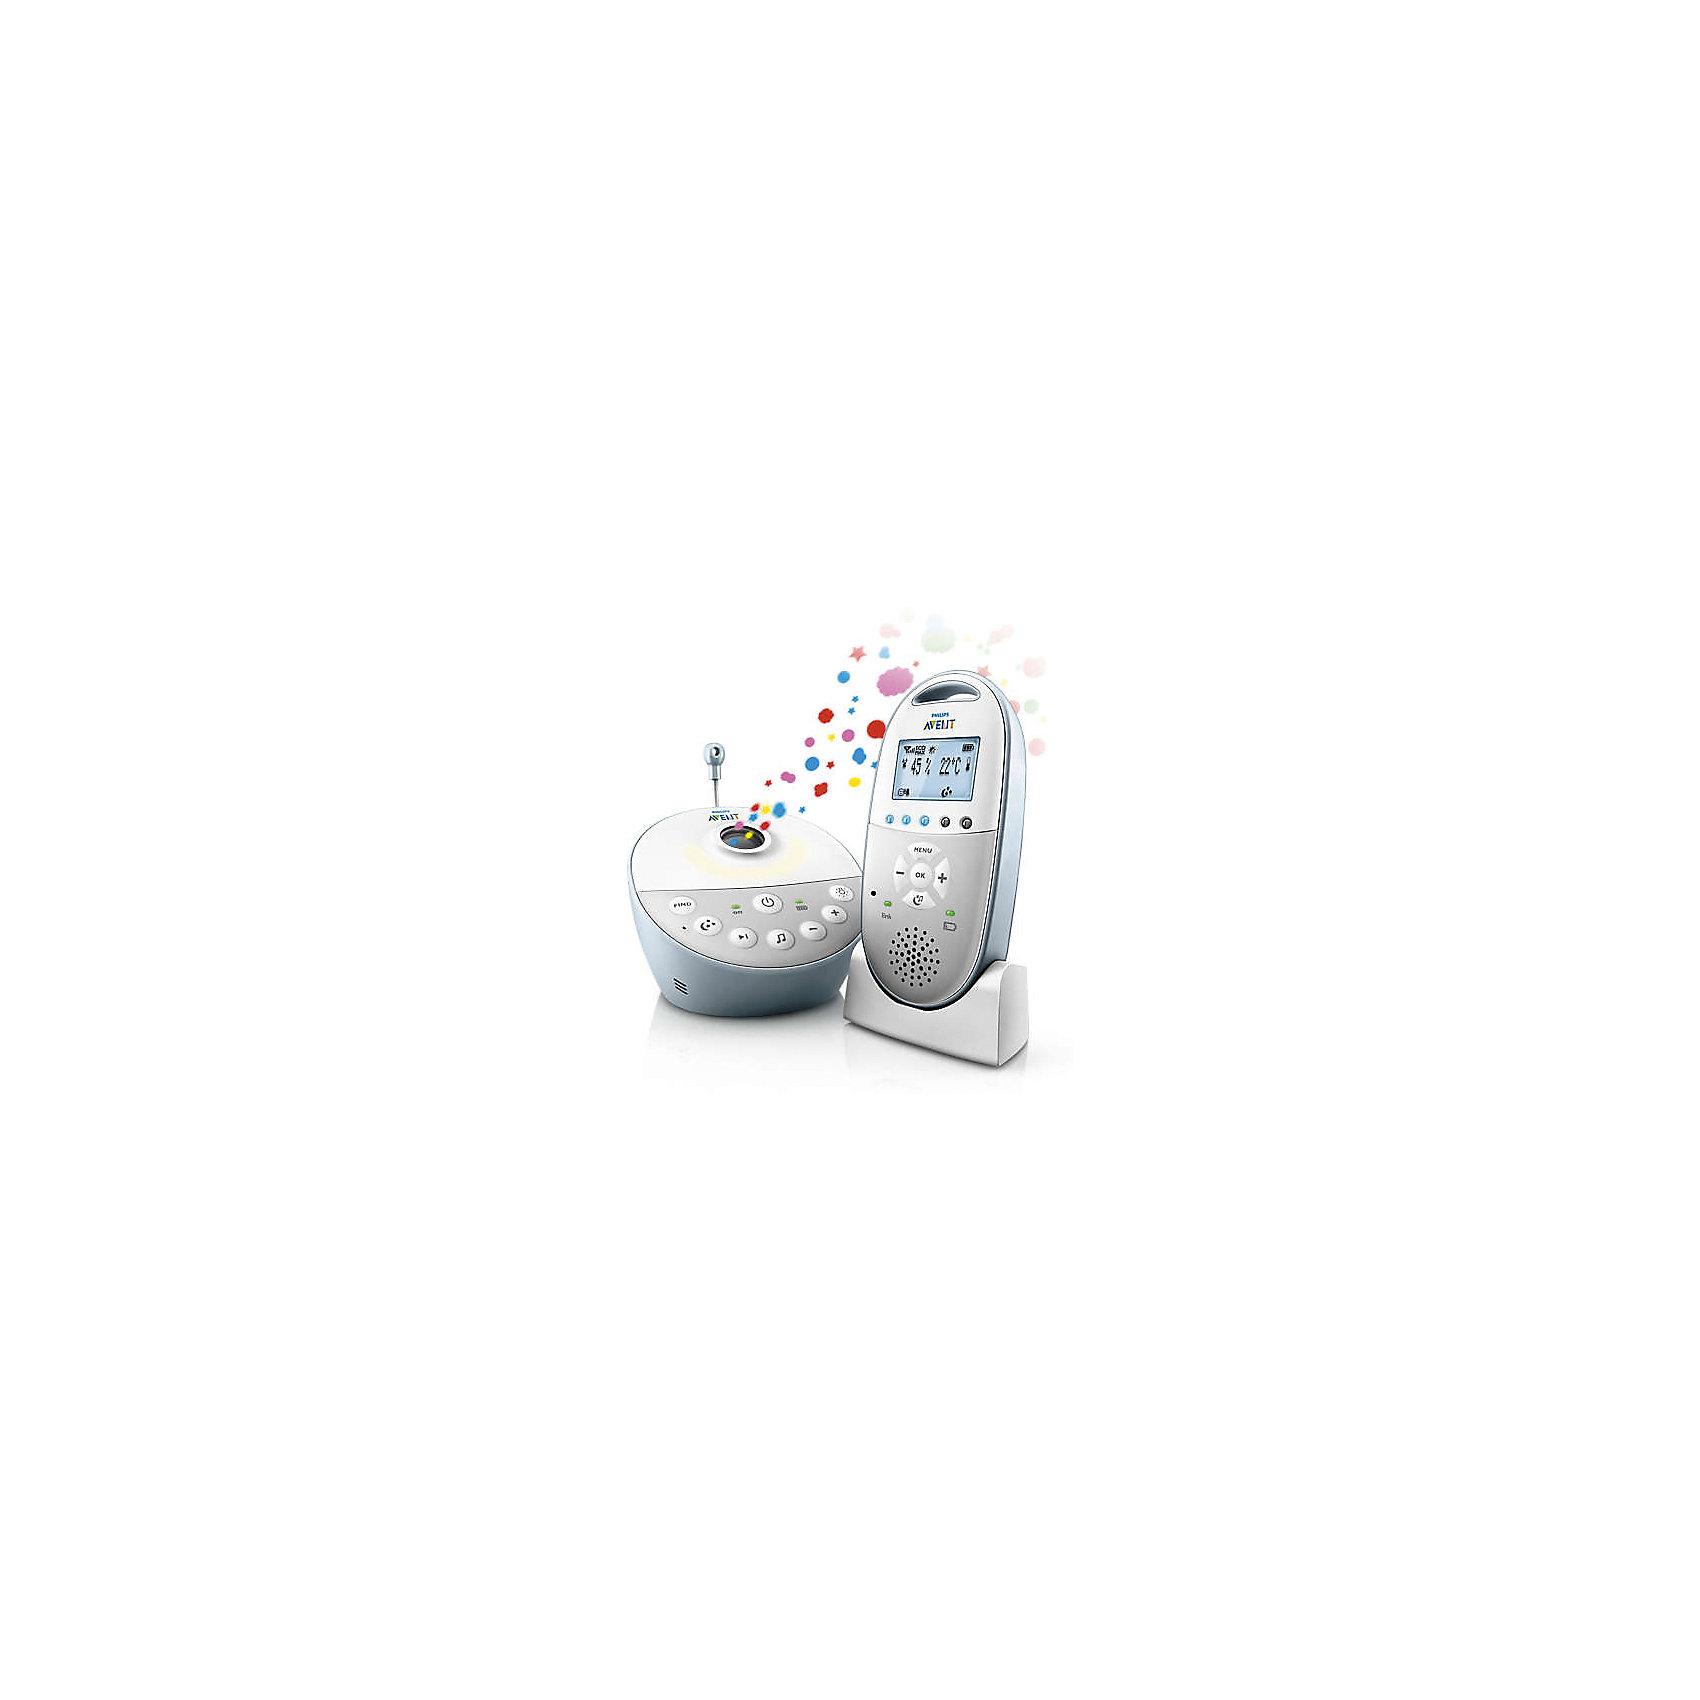 Радионяня SCD580/00, Philips AventРадионяня - это очень удобное портативное устройство для связи с Вашим малышом. Родительский блок сразу же оповестит о низком заряде батареи или о том, что Вы ушли из зоны диапазона. Такая модель имеет ряд важных и нужных функций: индикация низкого уровня заряда, регулируемая громкость, автоматическое предупреждение выхода из диапазона, индикаторы громкости, индикатор заряда аккумулятора, настройка чувствительности, комбинированный датчик влажности, ночник-поектор звездного неба, MP3 проигрыватель.<br><br>В комплекте:<br>- Родительский блок.<br>- Блок ребенка.<br>- Зарядная база для родительского блока.<br>- Адаптер переменного тока.<br>- Аккумуляторы.<br>- Подробная инструкция.<br><br>Дополнительная информация:<br><br>- Рабочий диапазон до 330 метров.(Рабочий диапазон в помещении — до 50 метров. Рабочий диапазон вне помещения — до 330 метров.)<br>- Диапазон температур: от 10 - 40 градусов.<br>- Размер упаковки: 9,6х22х15,6 см.<br>- Вес в упаковке: 1045 г.<br><br>Купить радионяню Philips Avent можно в нашем магазине.<br><br>Ширина мм: 96<br>Глубина мм: 220<br>Высота мм: 156<br>Вес г: 1045<br>Возраст от месяцев: 0<br>Возраст до месяцев: 36<br>Пол: Унисекс<br>Возраст: Детский<br>SKU: 4880874